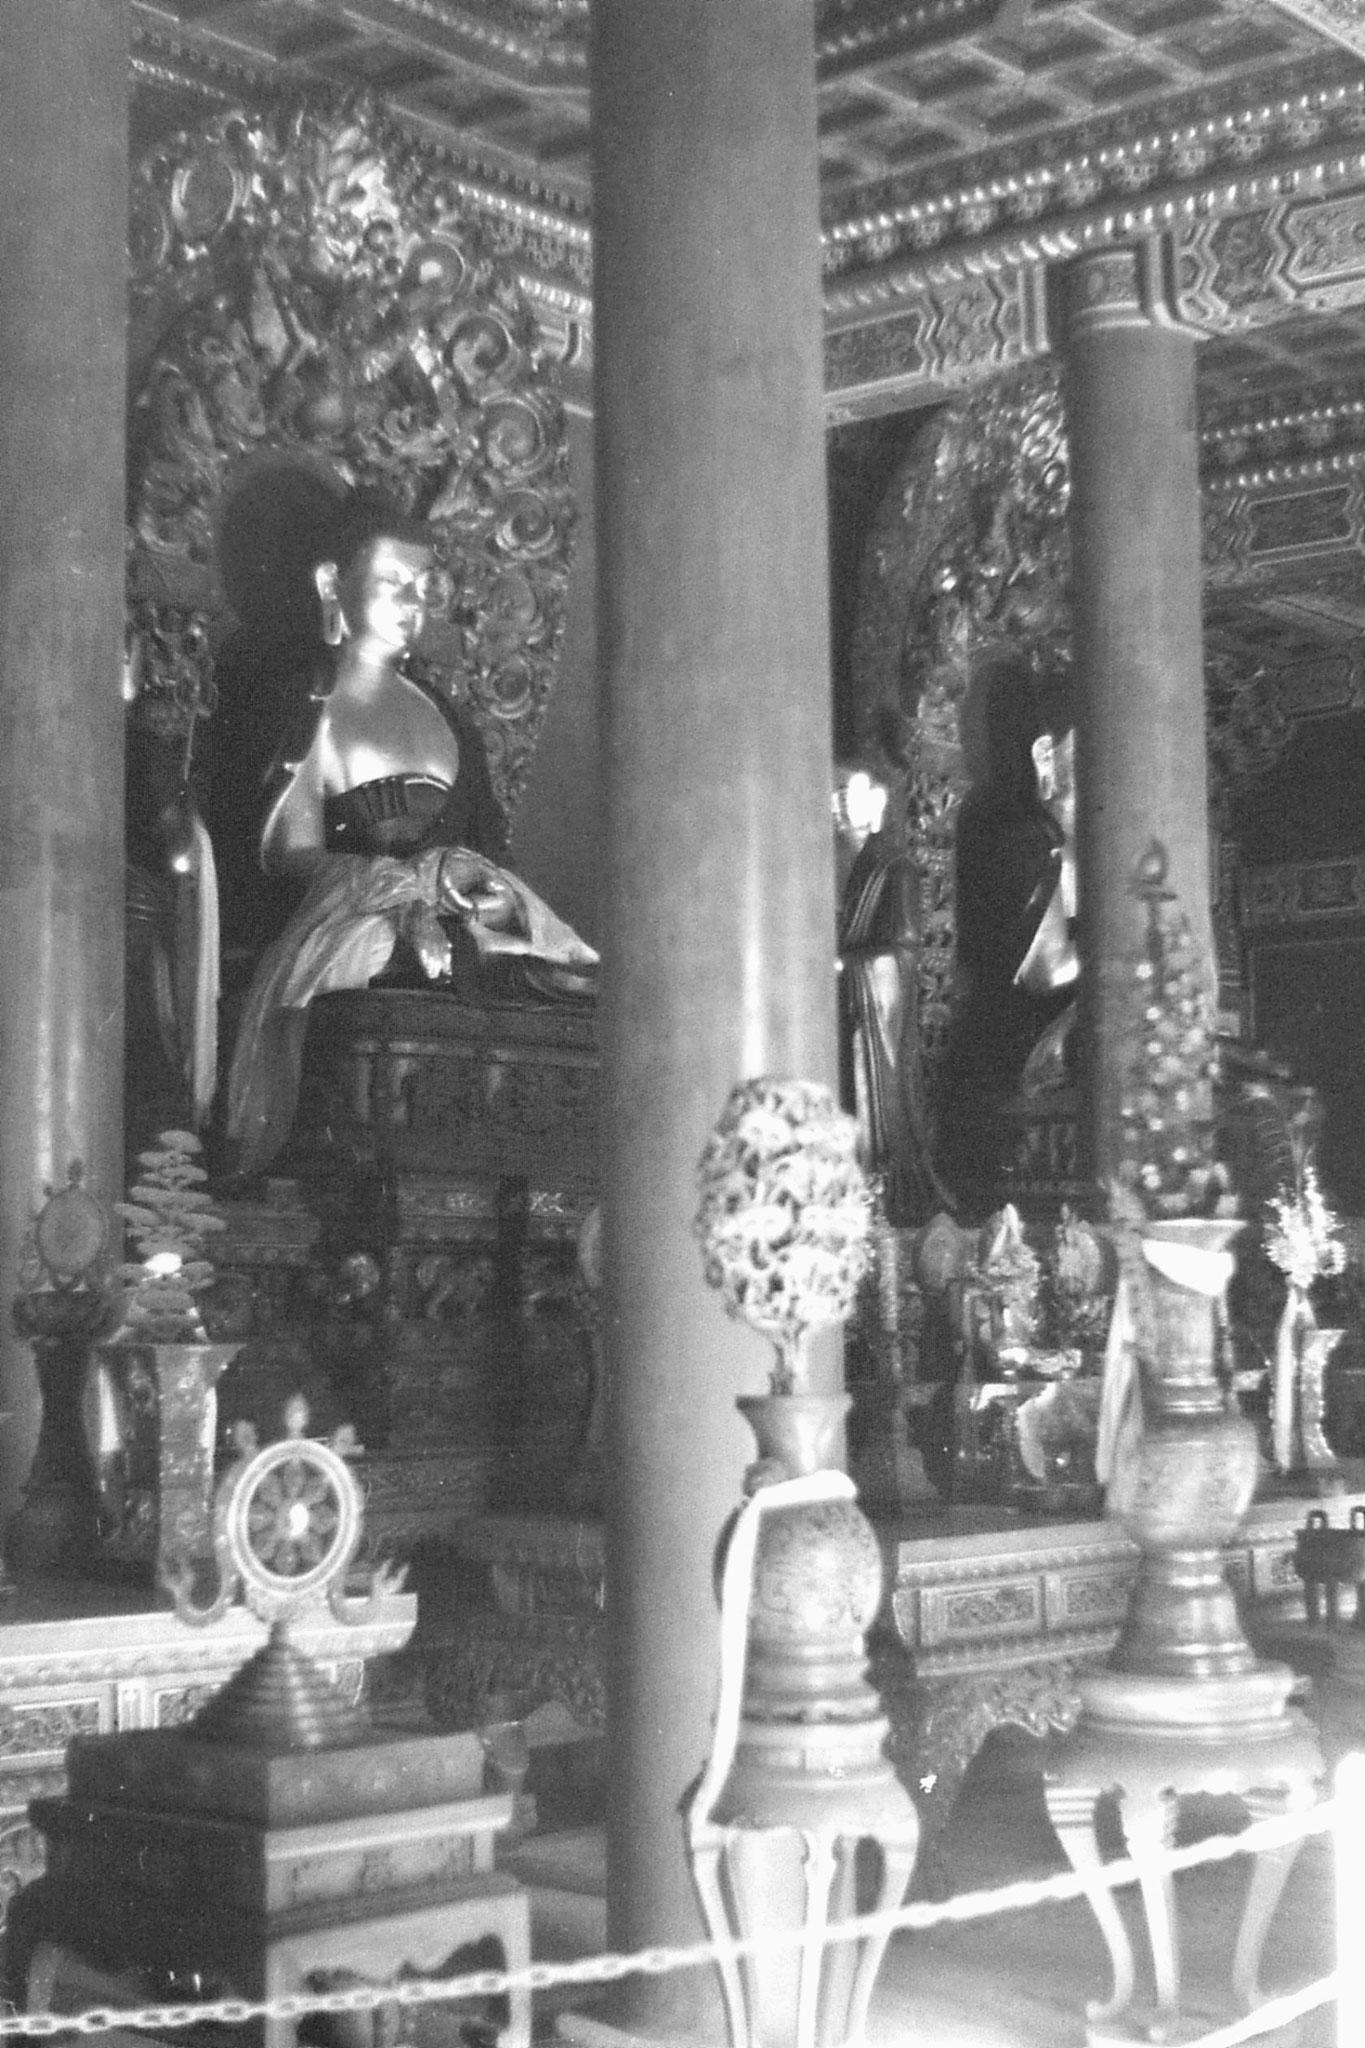 4/12/1988: 27: Yong He Temple, Beijing